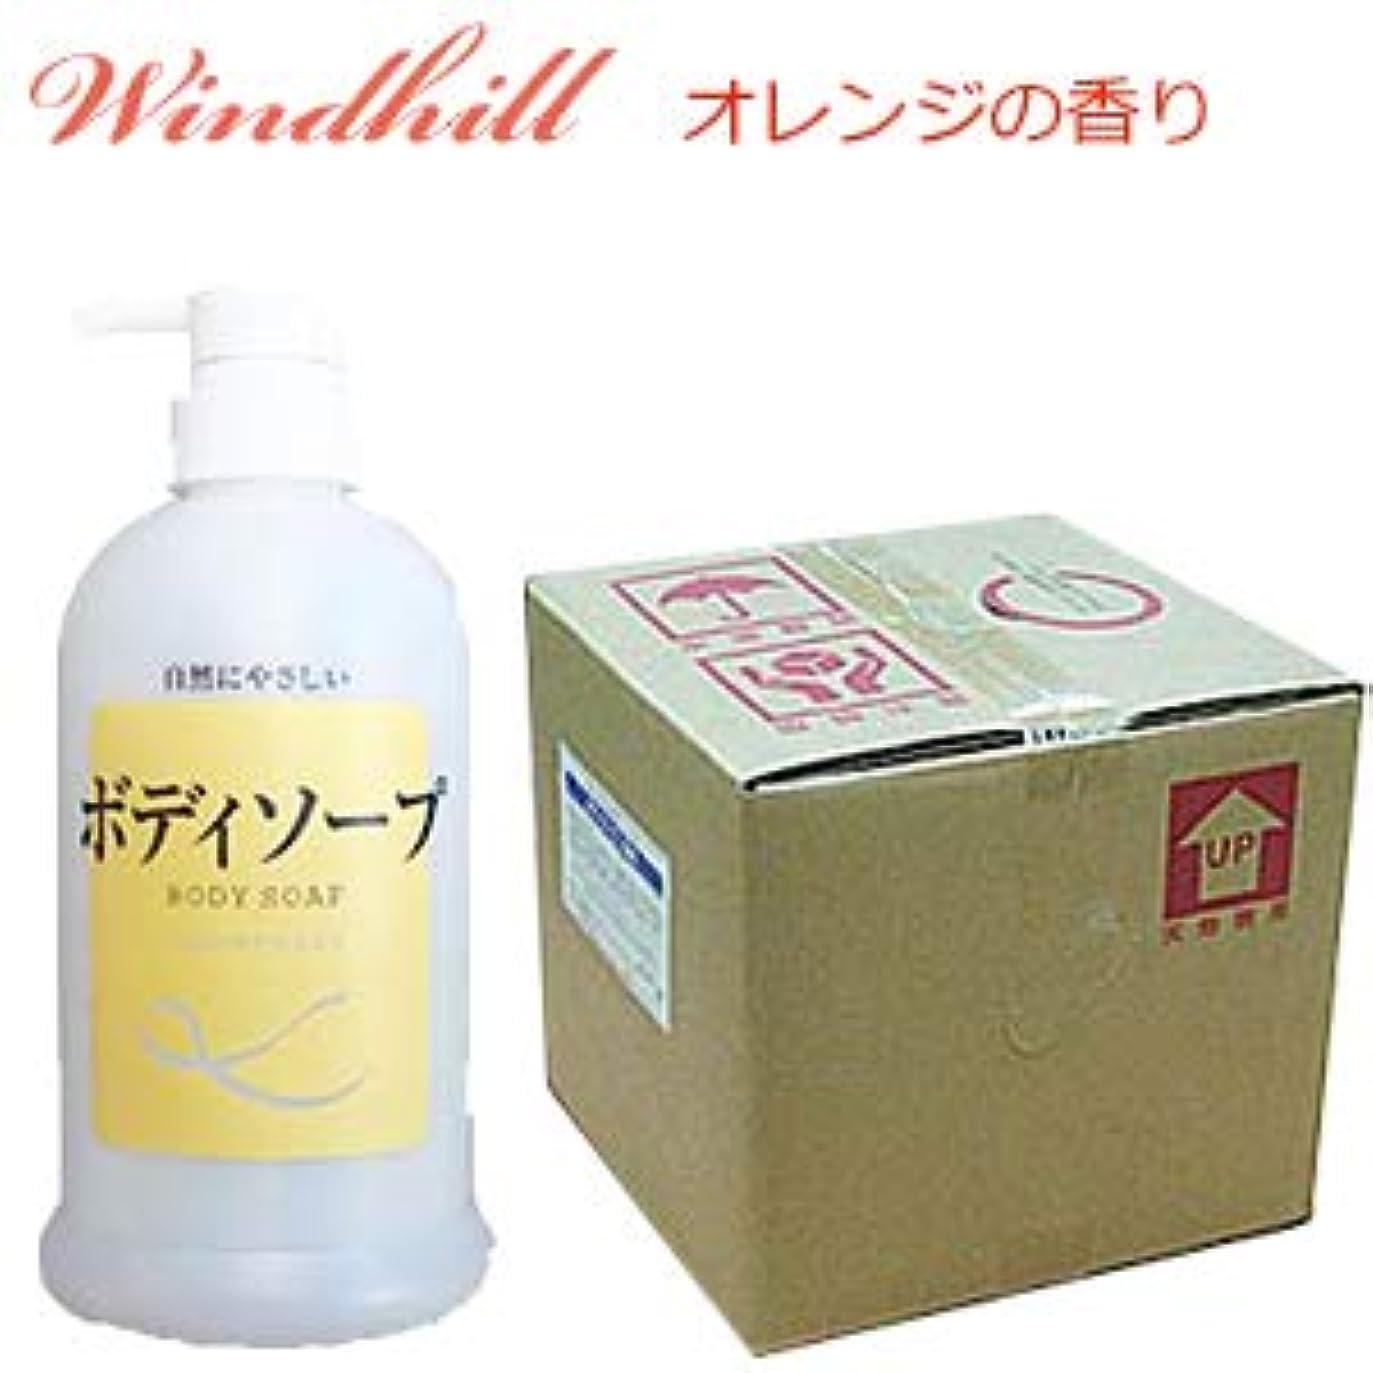 のど大脳ボールWindhill 植物性 業務用ボディソープオレンジの香り 20L(1セット20L入)